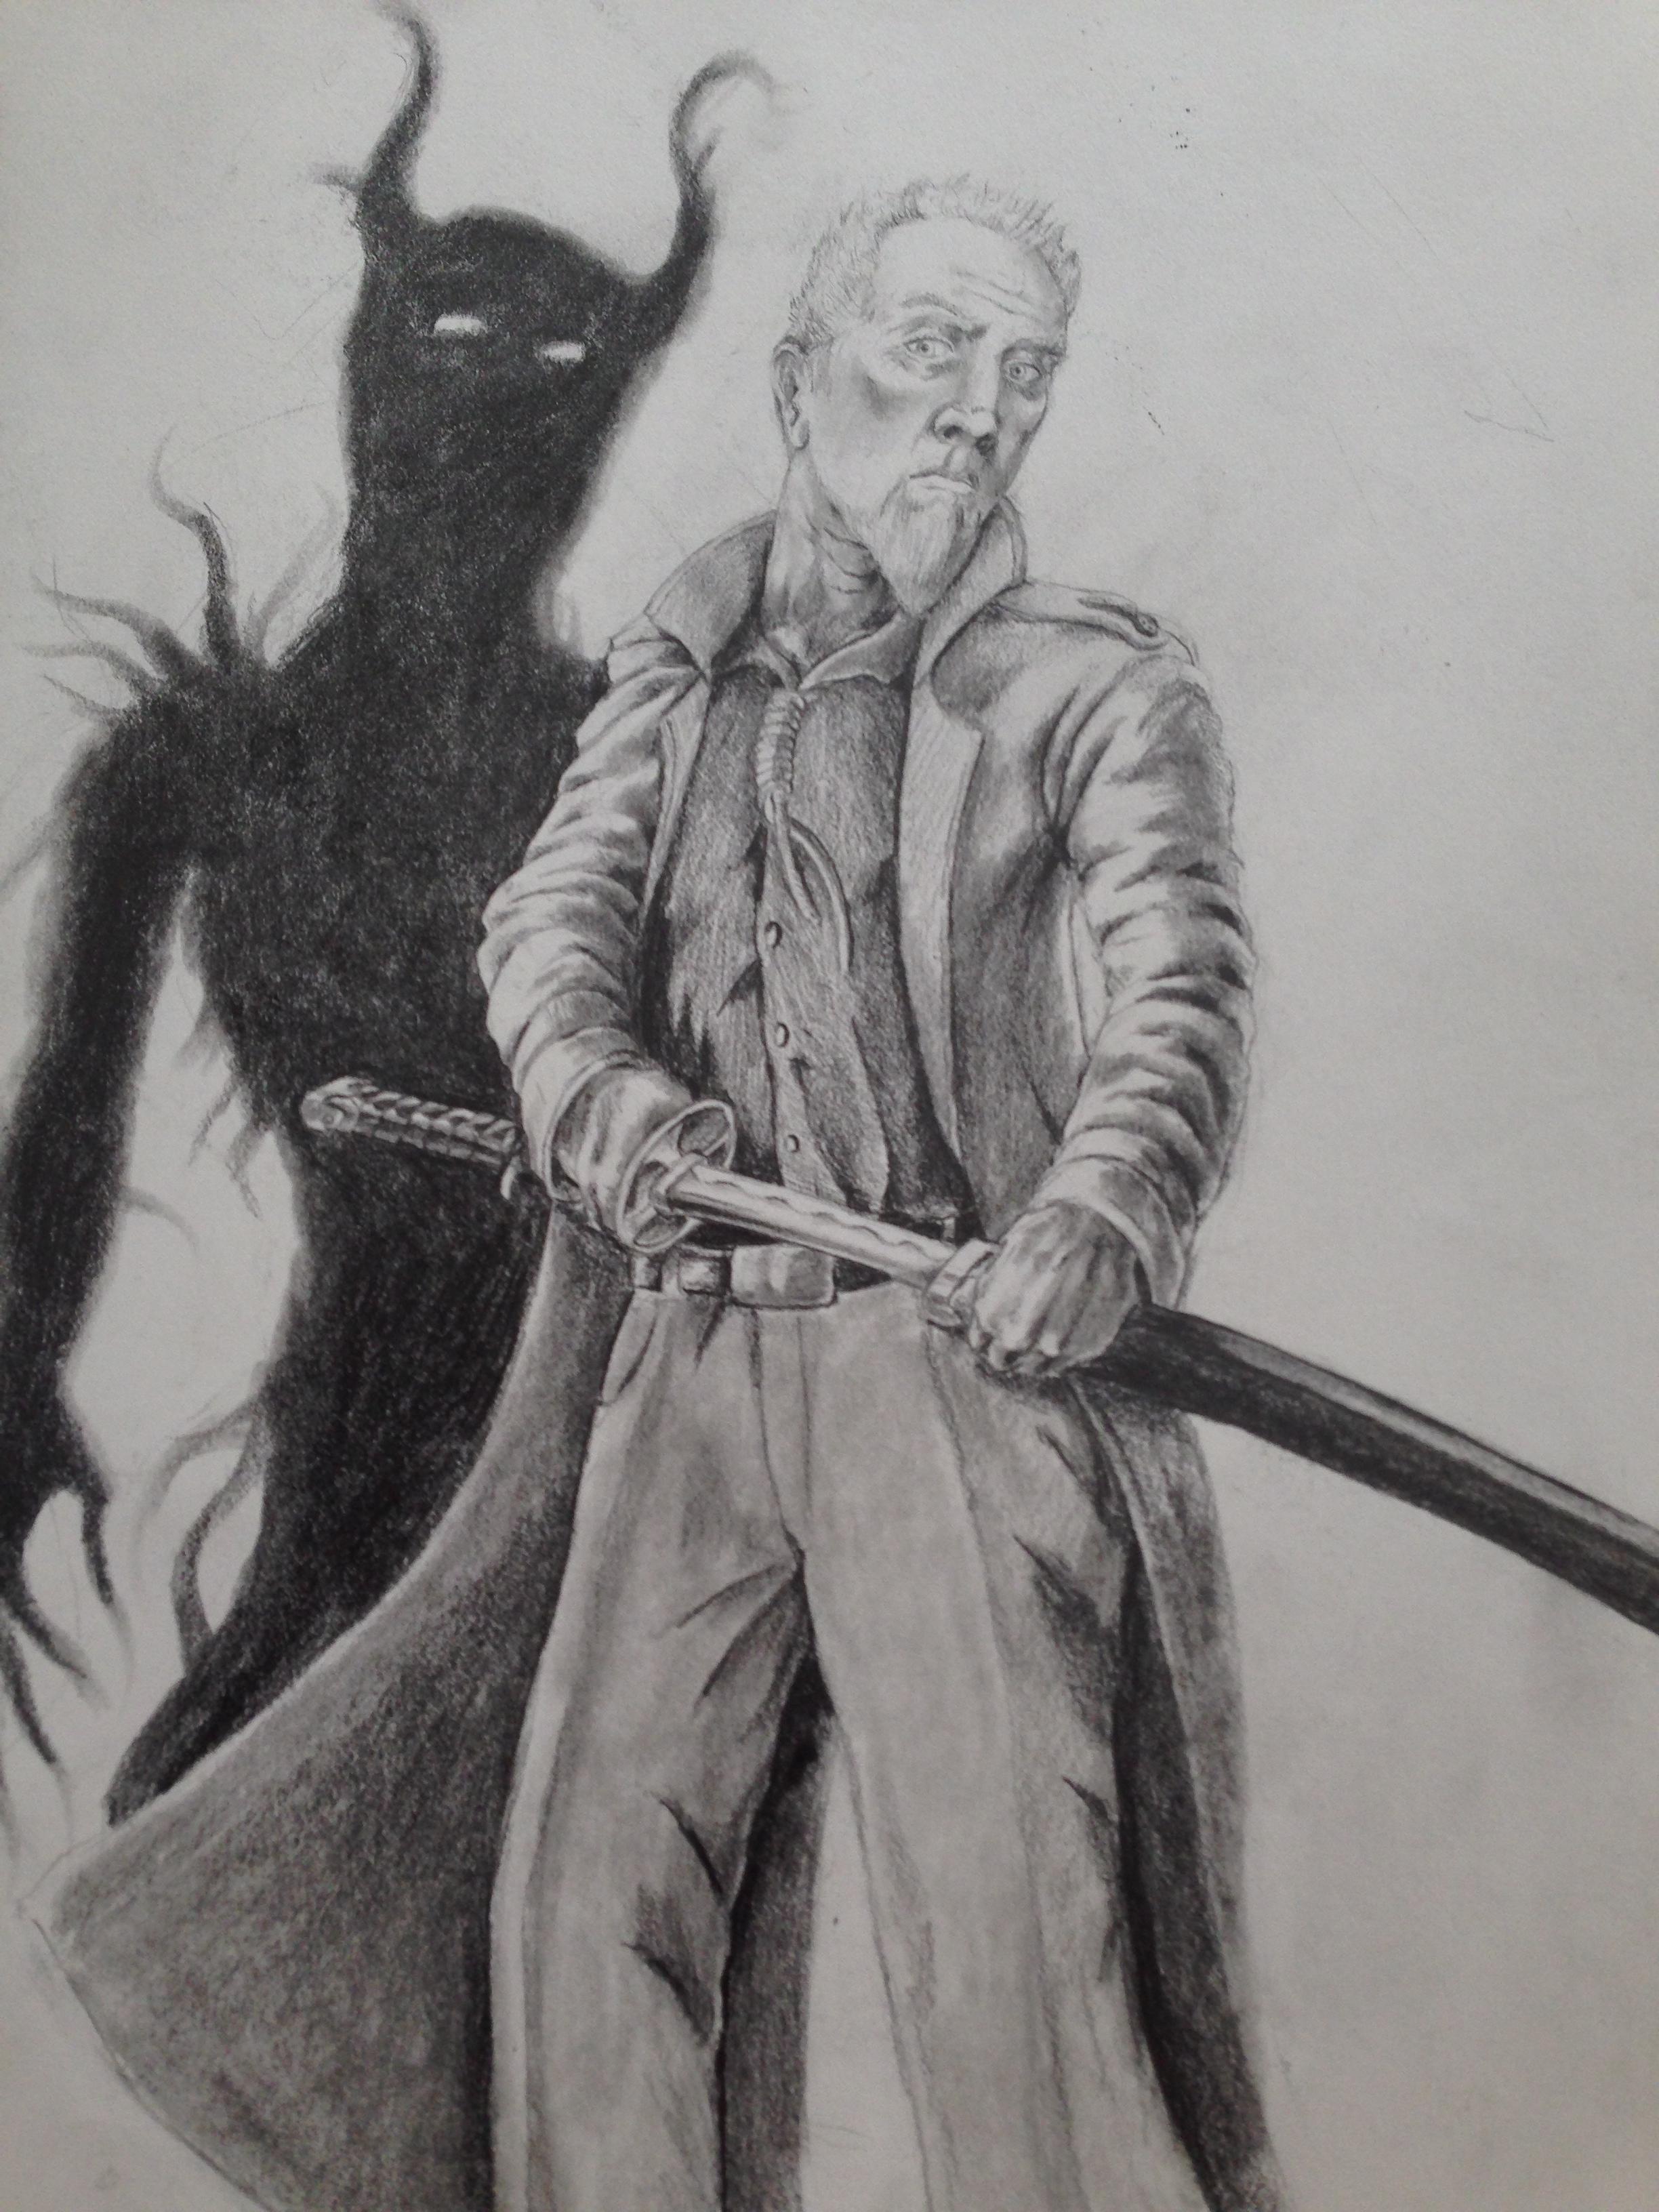 Nicodemus Archleone